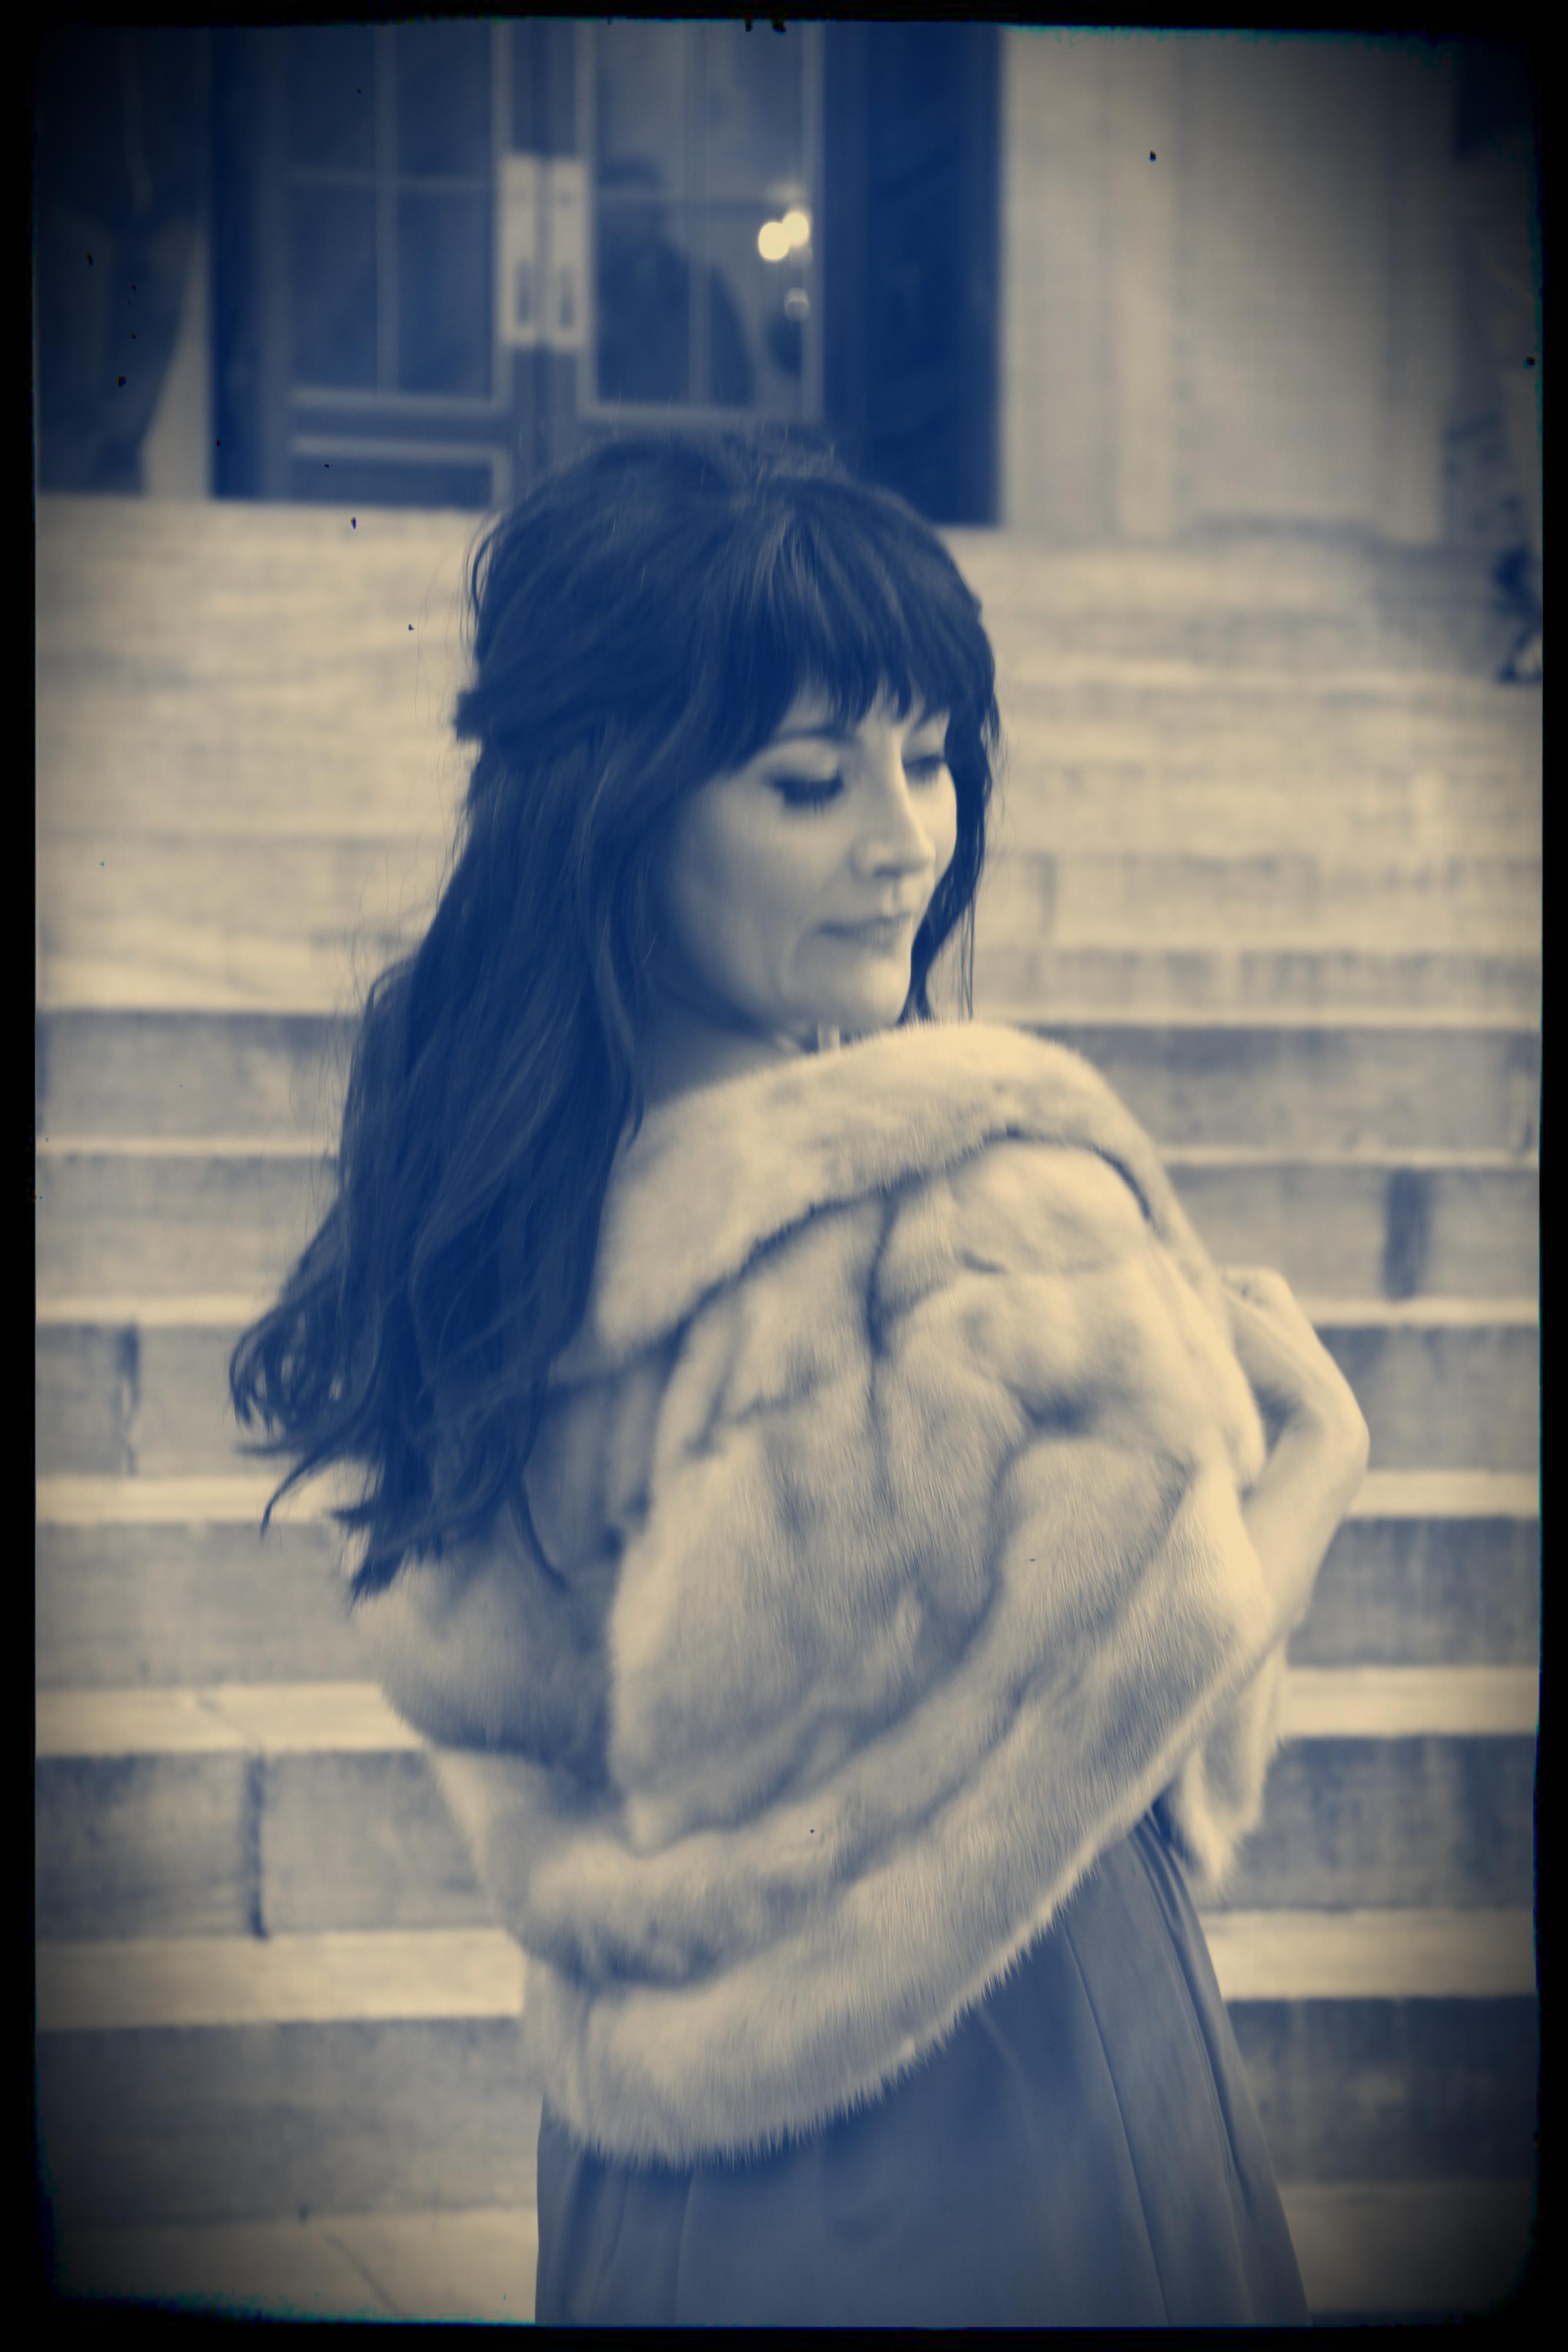 Lifestyle Blogger Christina Carathanassis, channeling Ava Gardner in my $25 vintage blonde mink